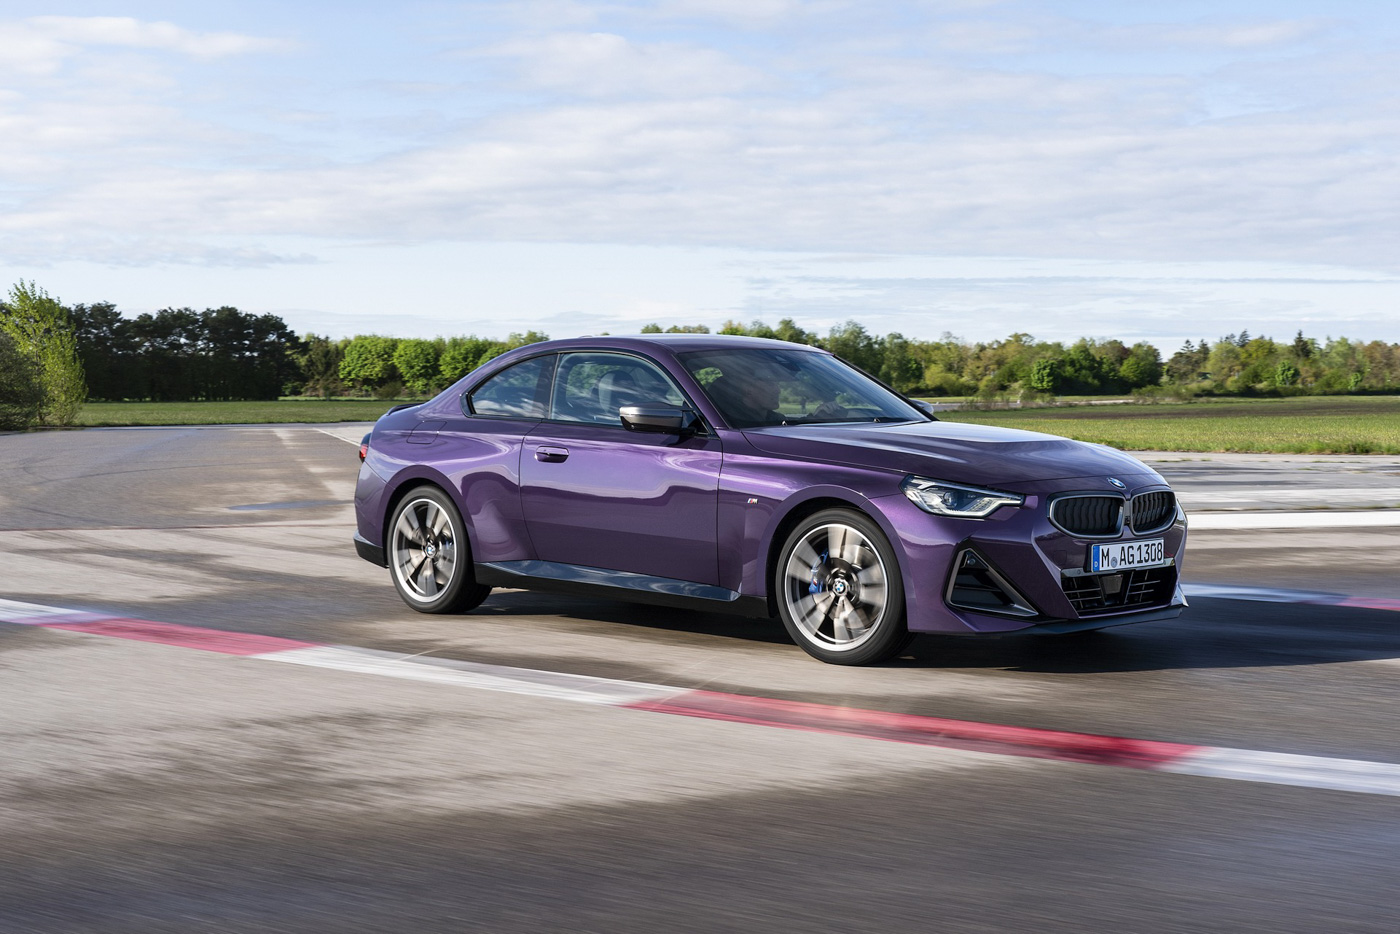 BMW-2-series-2022-ra-mắt-với-giá-bán-từ-36350-usd-8.jpg